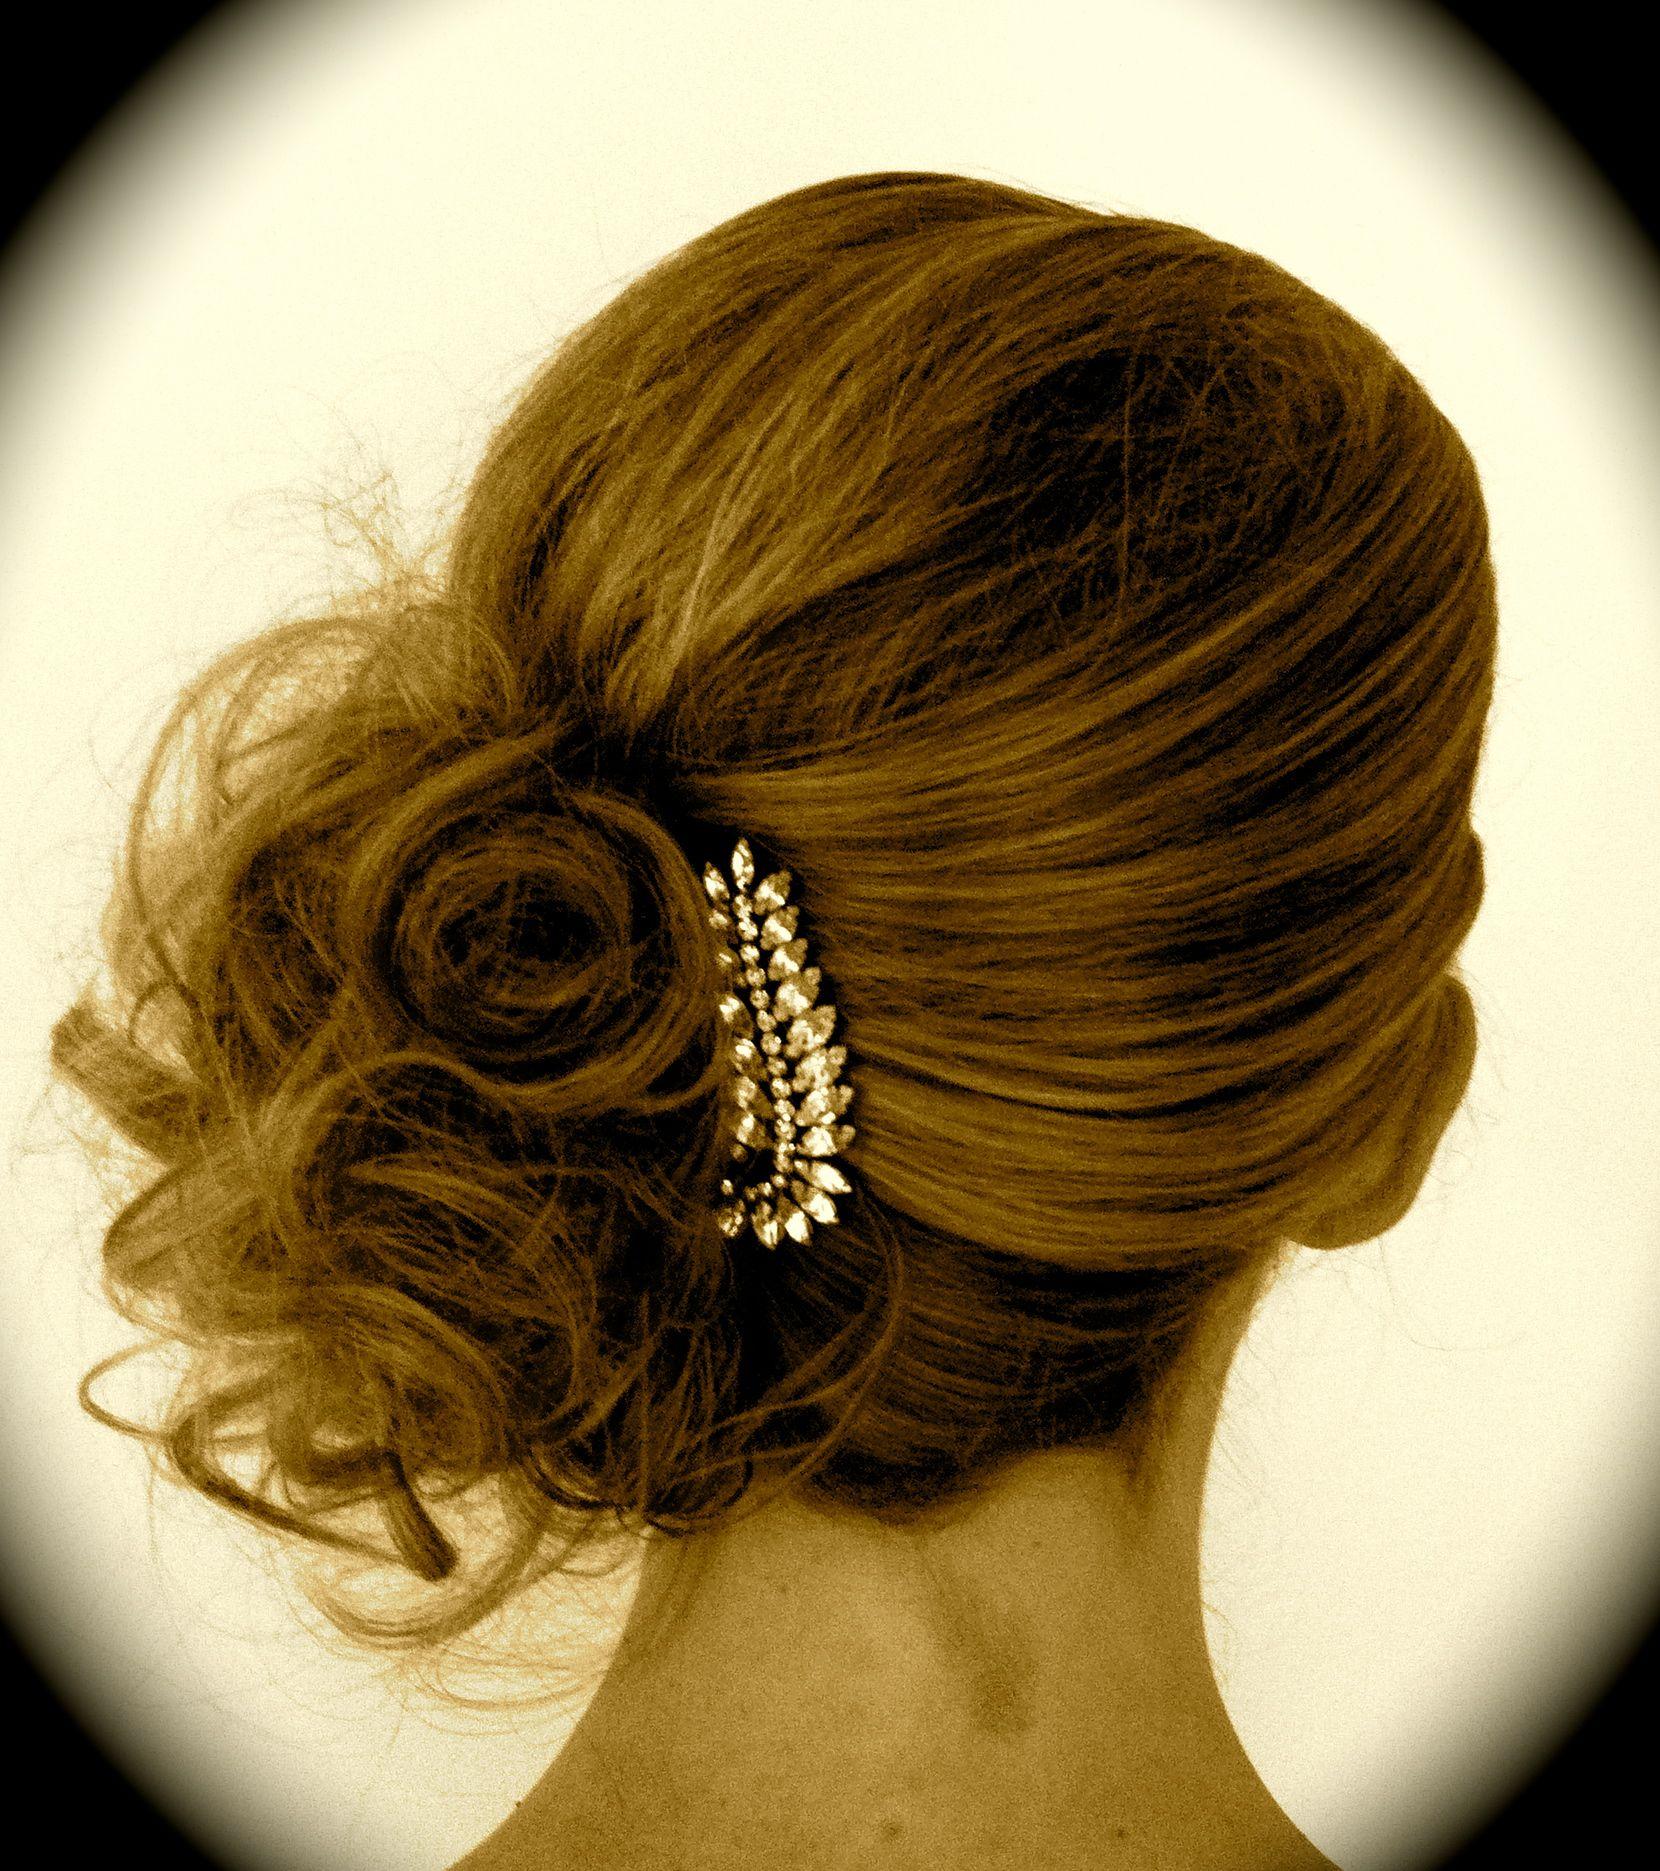 En Riomar Fotógrafos Nos Gusta Este Recogido Hacia Un Lado De Novia Http Riomarfotografosdeboda Com Peinados Recogidos Peinados Recogido Hacia Un Lado